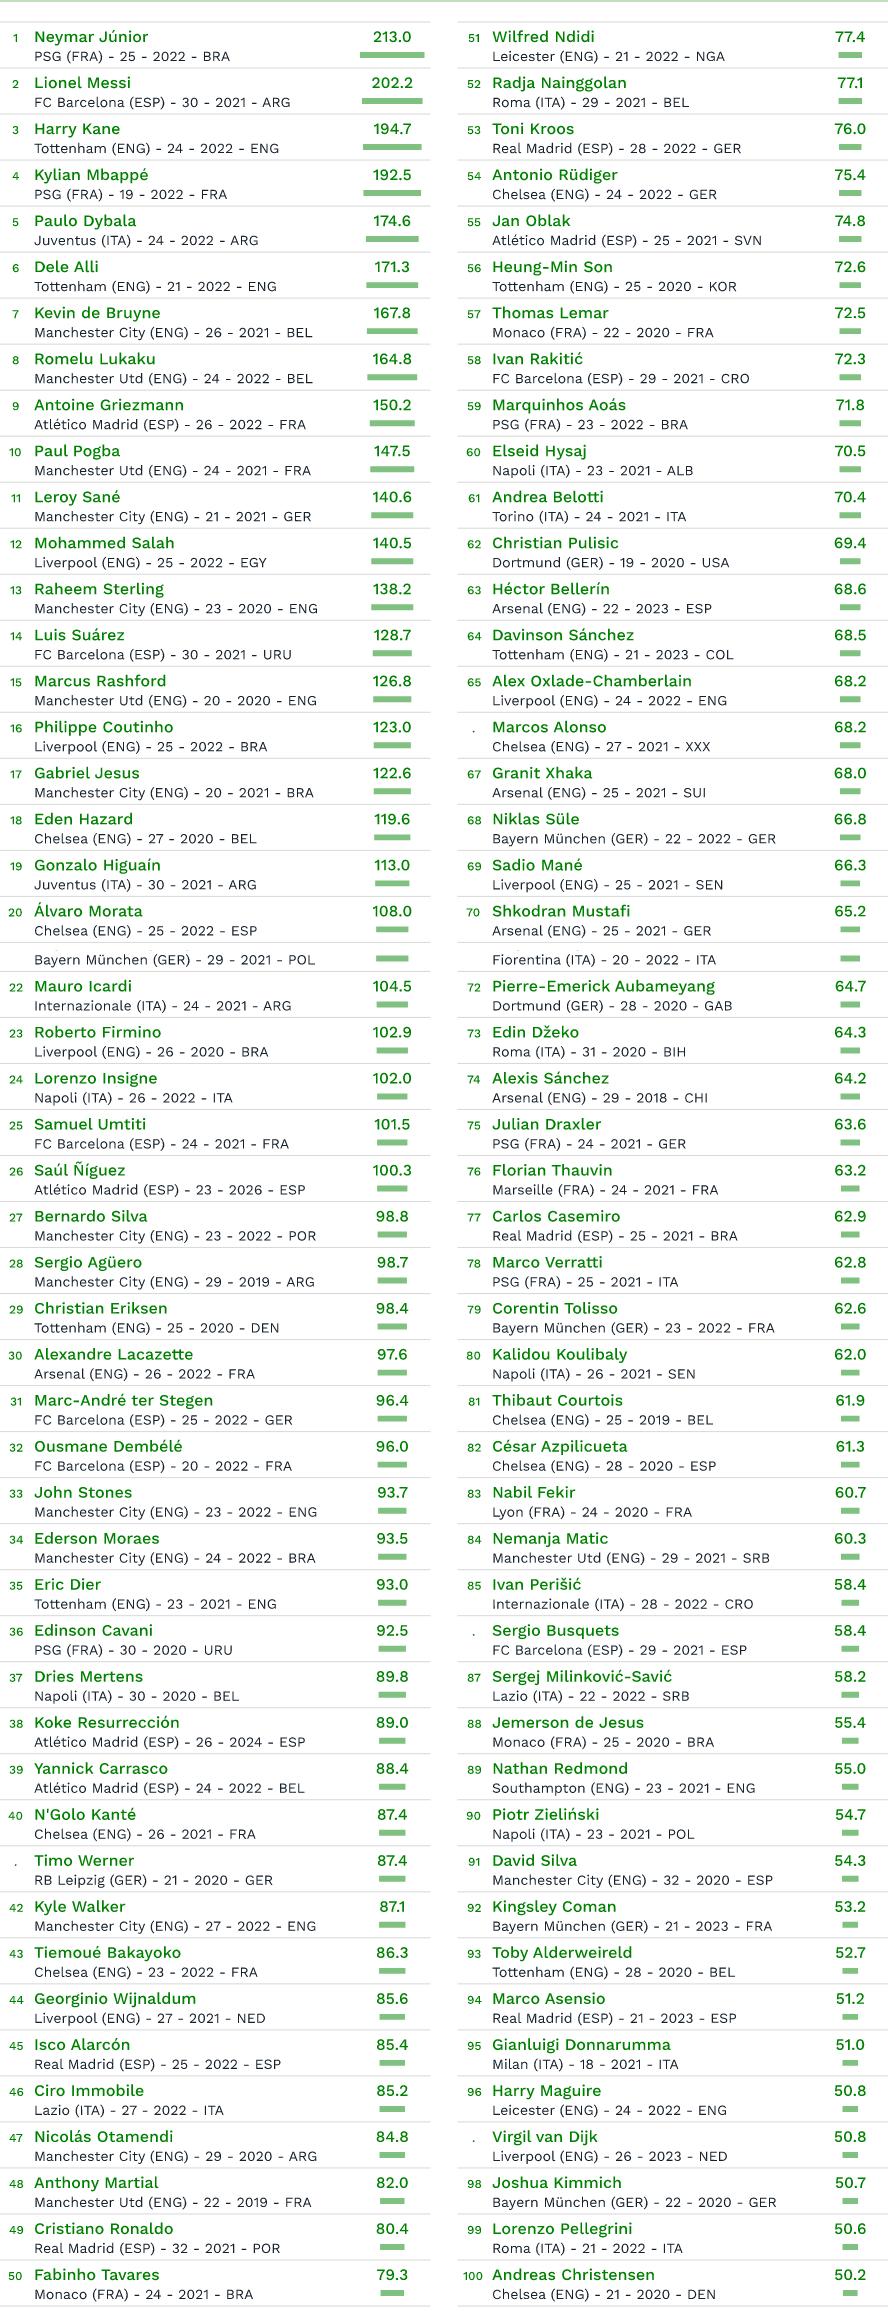 Топ-100 самых высокооплачиваемых футболистов 2018 года